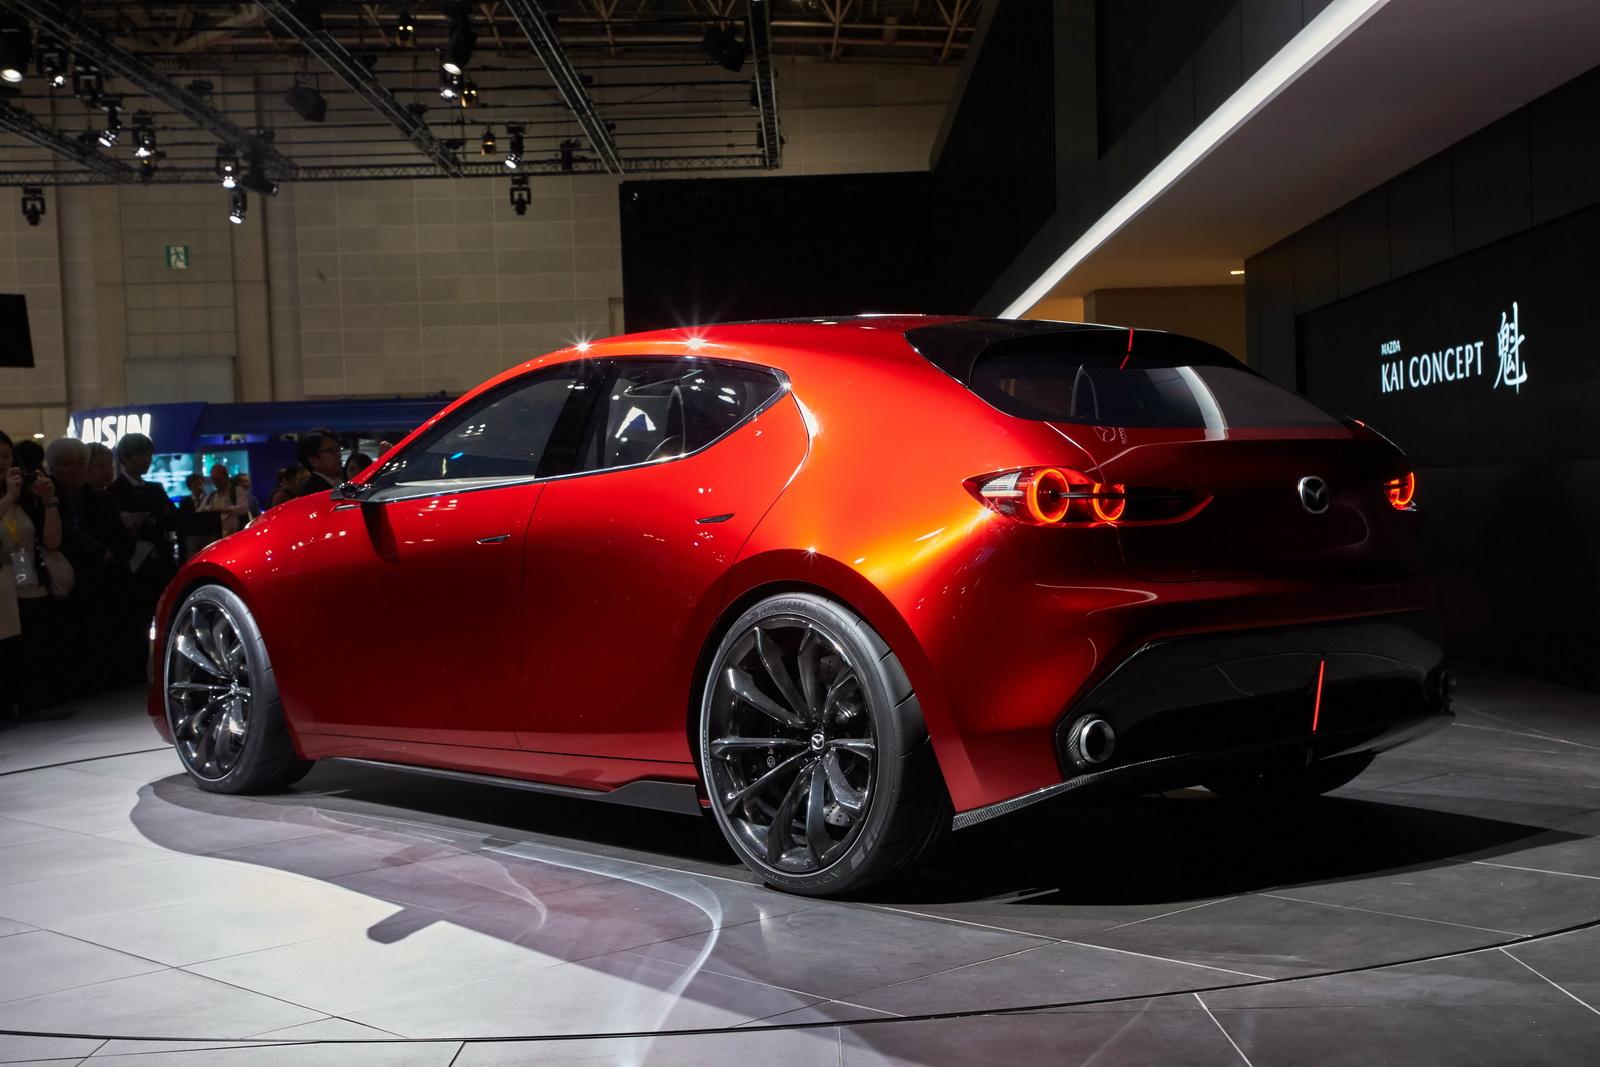 Mazda_Kai_Concept tokyo 2017 (50)